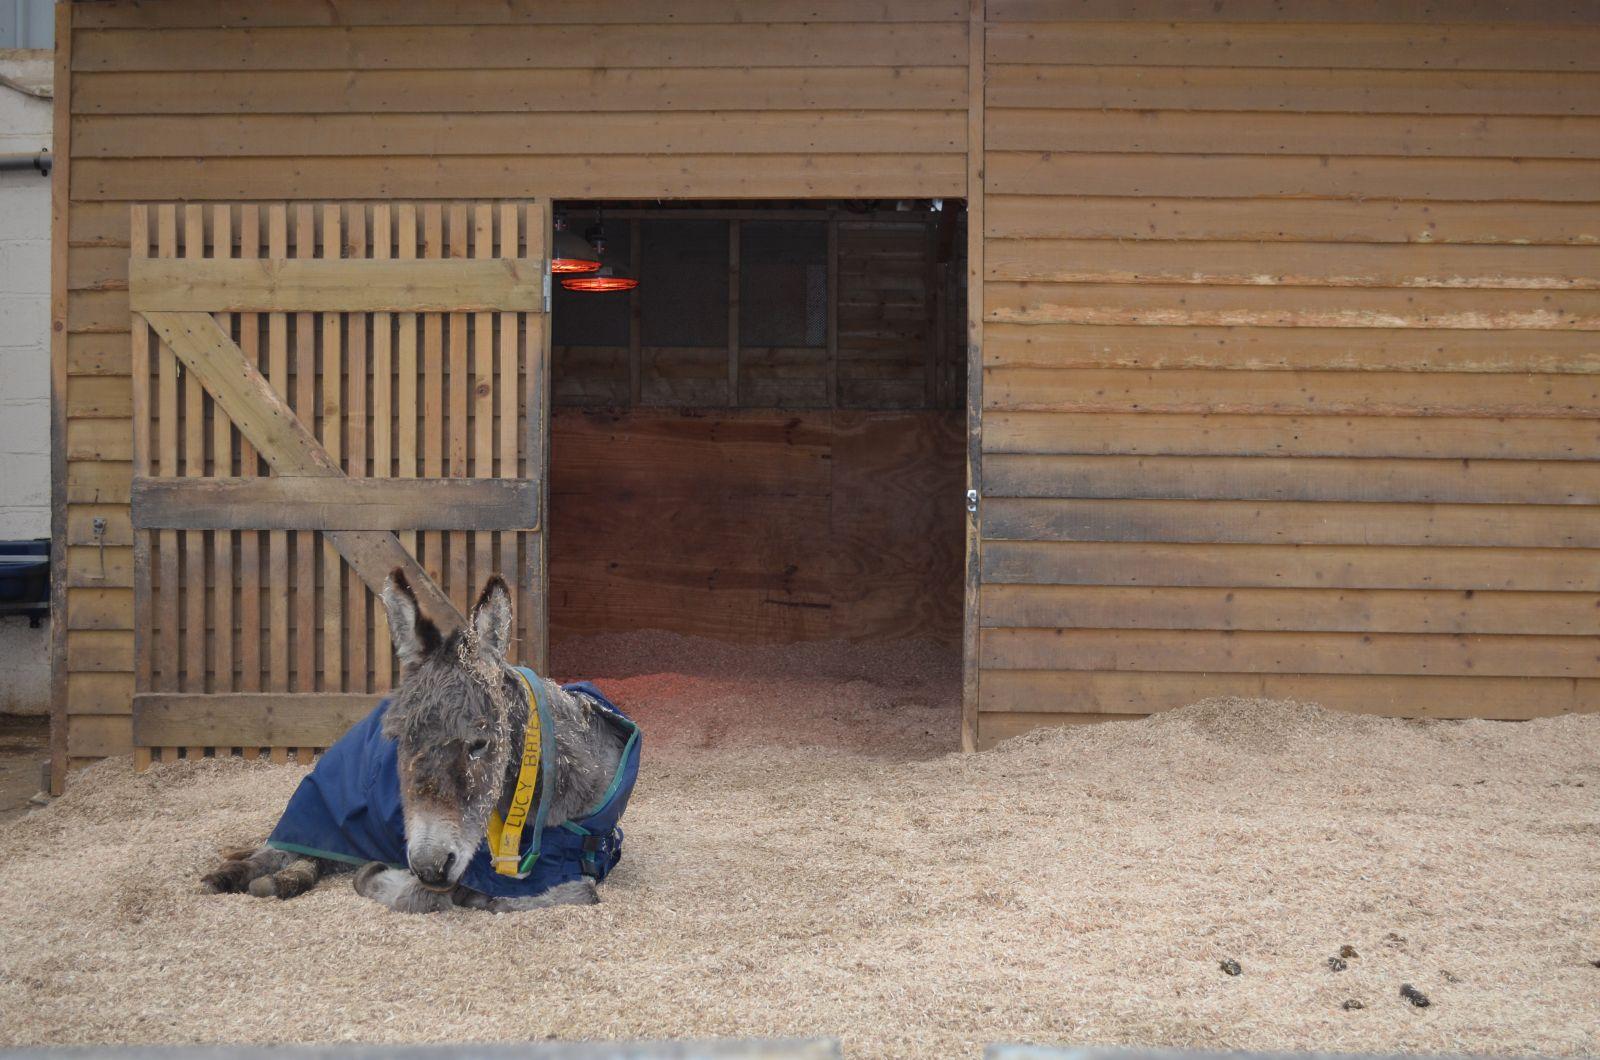 De verzorging van muildieren Donkey Sanctuary